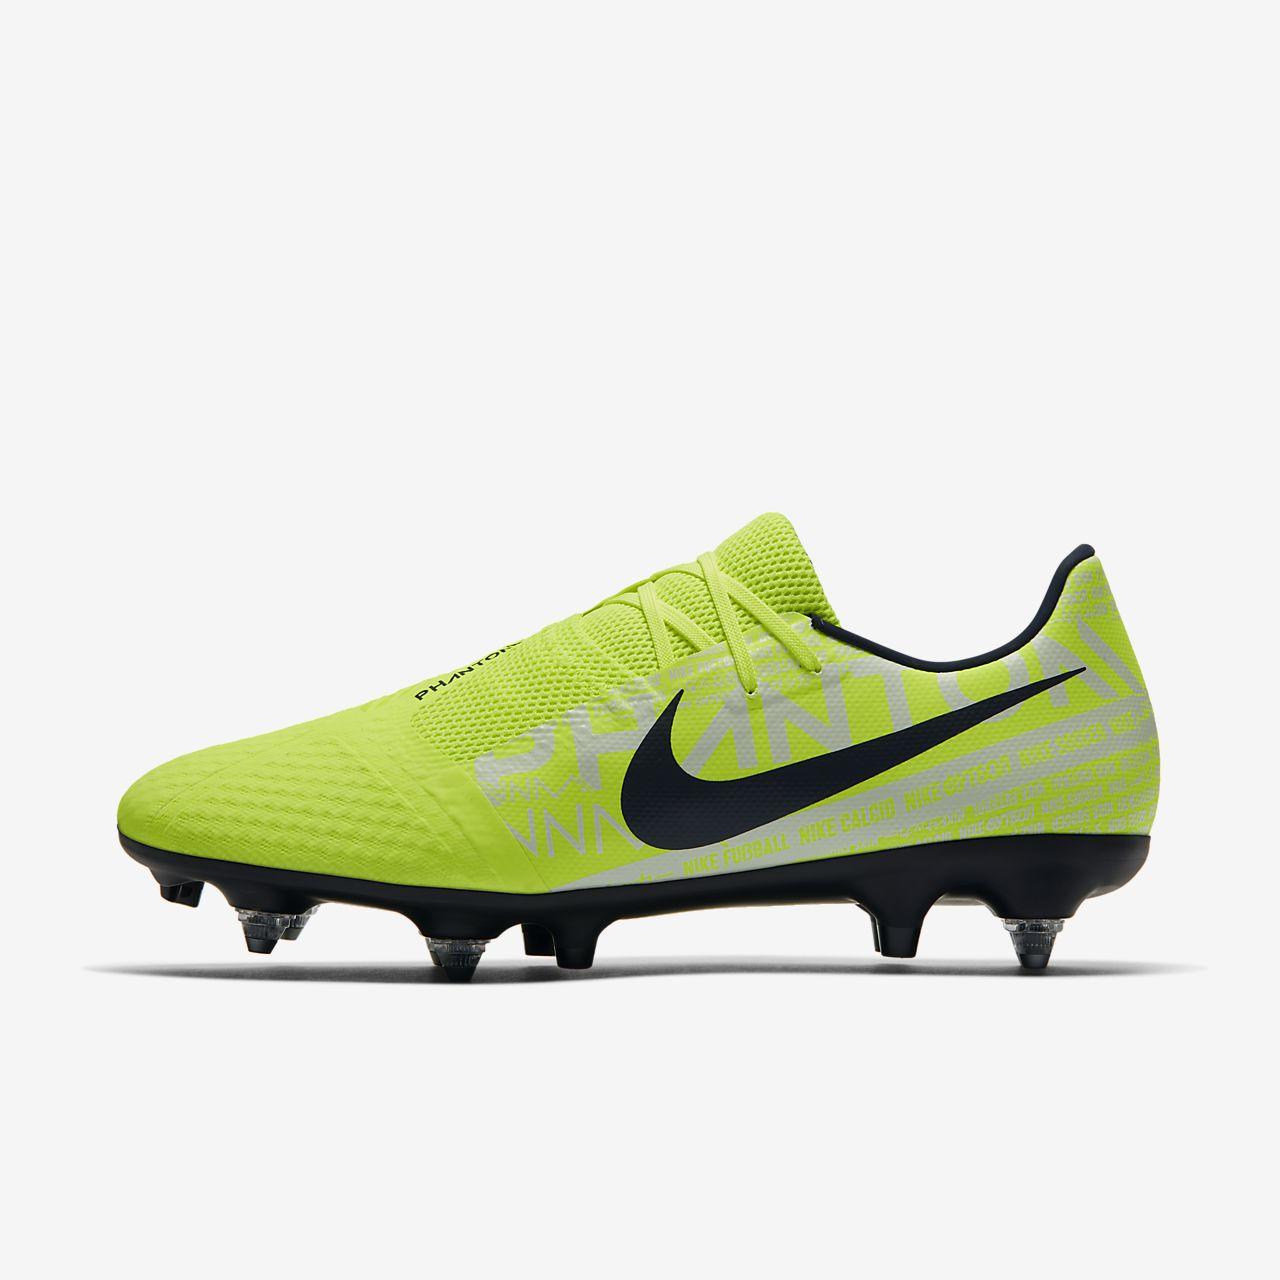 Fotbollssko för vått gräs Nike PhantomVNM Academy SG-Pro Anti-Clog